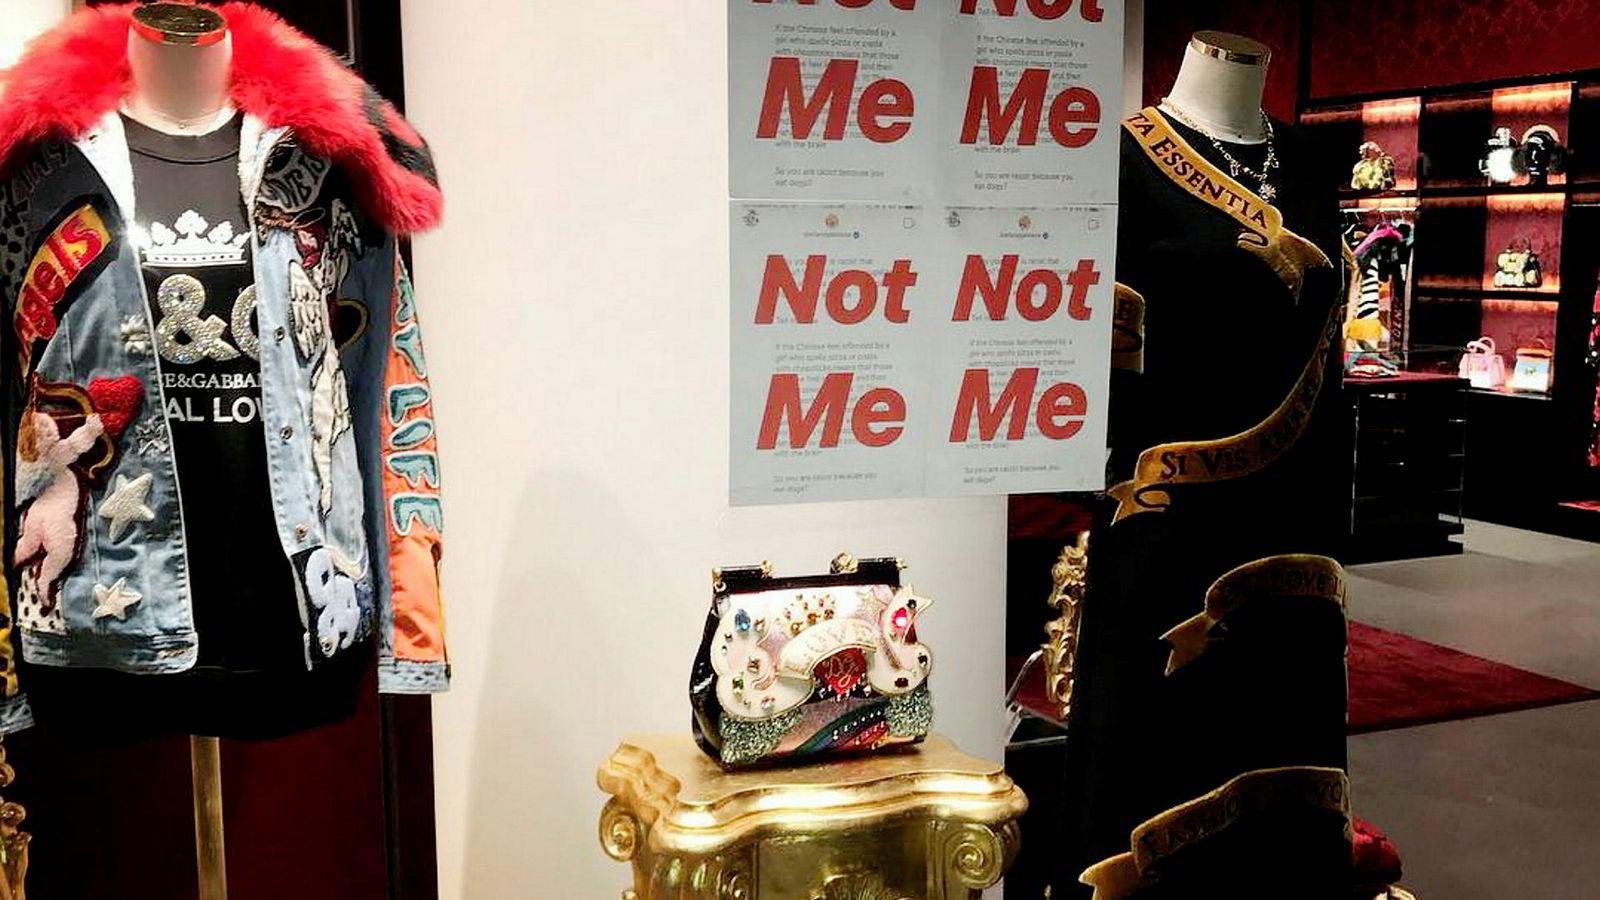 Italienske Dolce & Gabbana boikottes i Kina. I utstillingsvinduer er det satt opp plakater i protest mot uttalelser grunnlegger Stefano Gabbana kom med i en privat instagram-melding til en innflytelsesrik moteblogger.